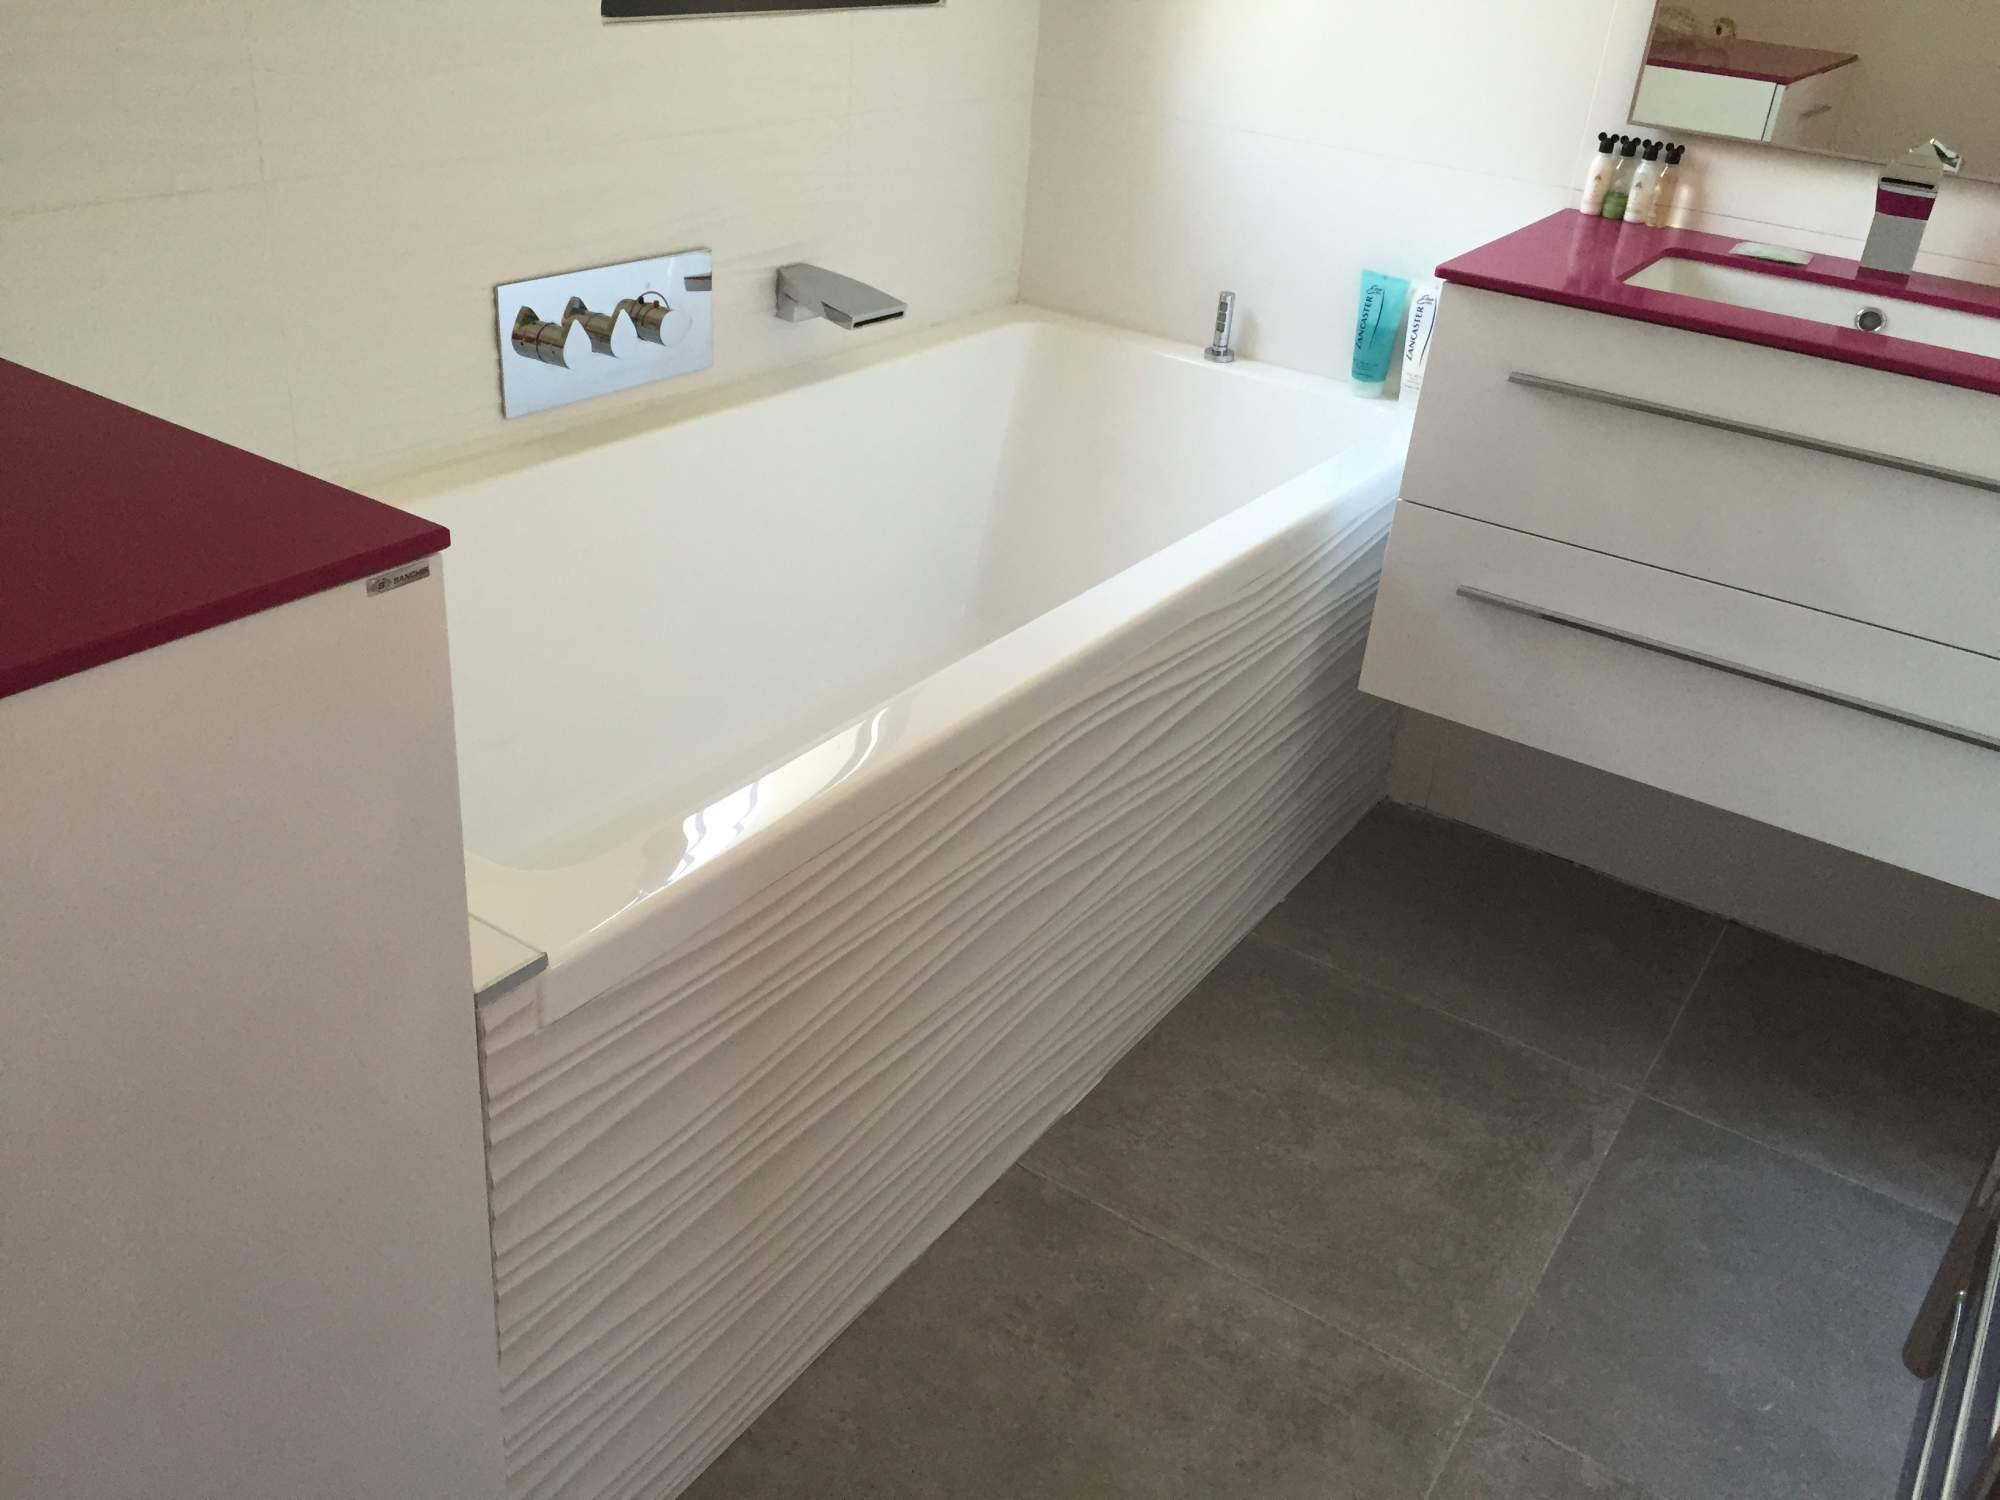 Pose de carrelage sol et murs pour salle de bains aix en for Pose carrelage sol salle de bain